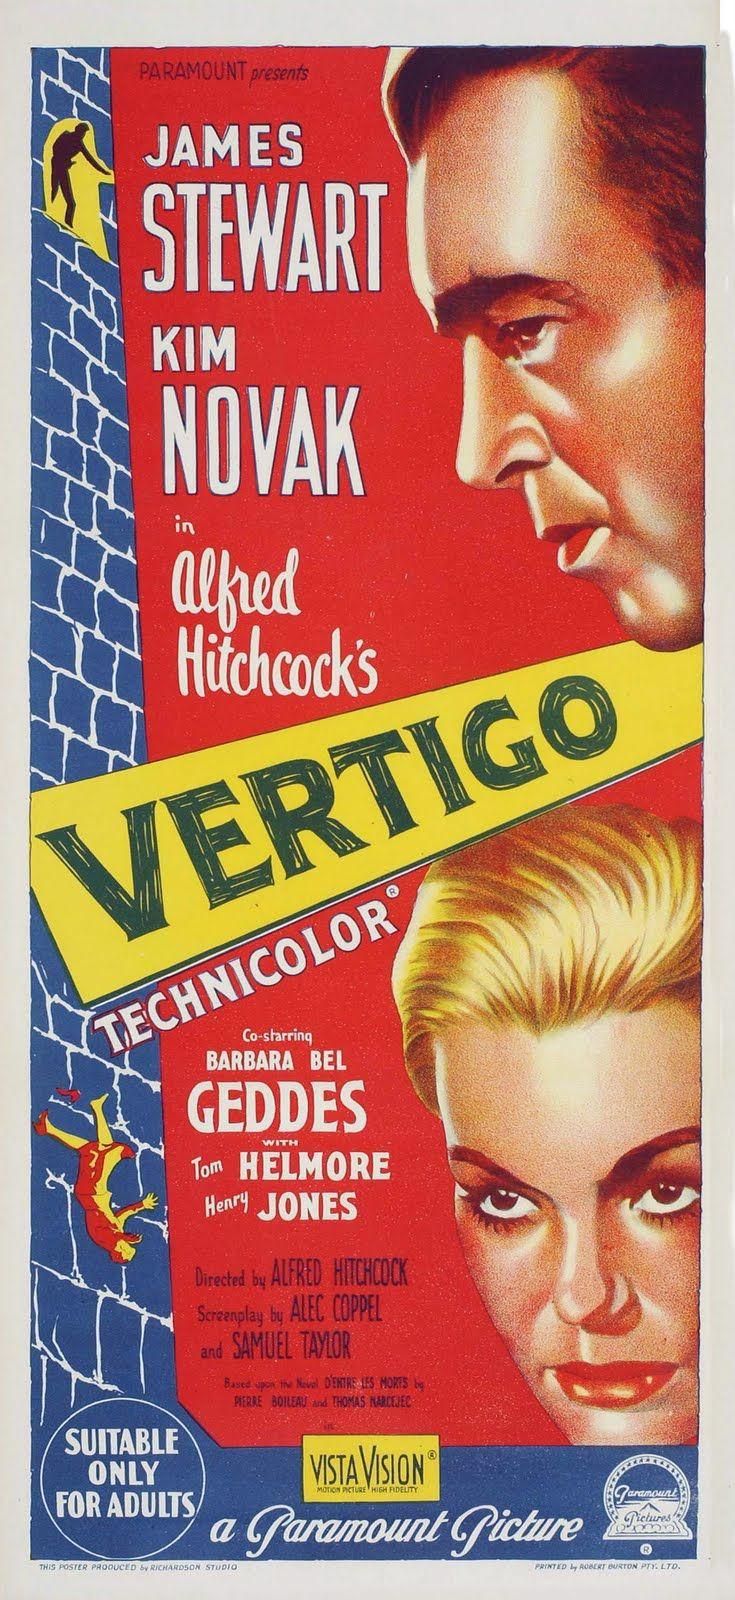 VERTIGO, DE ENTRE LOS MUERTOS (1958)